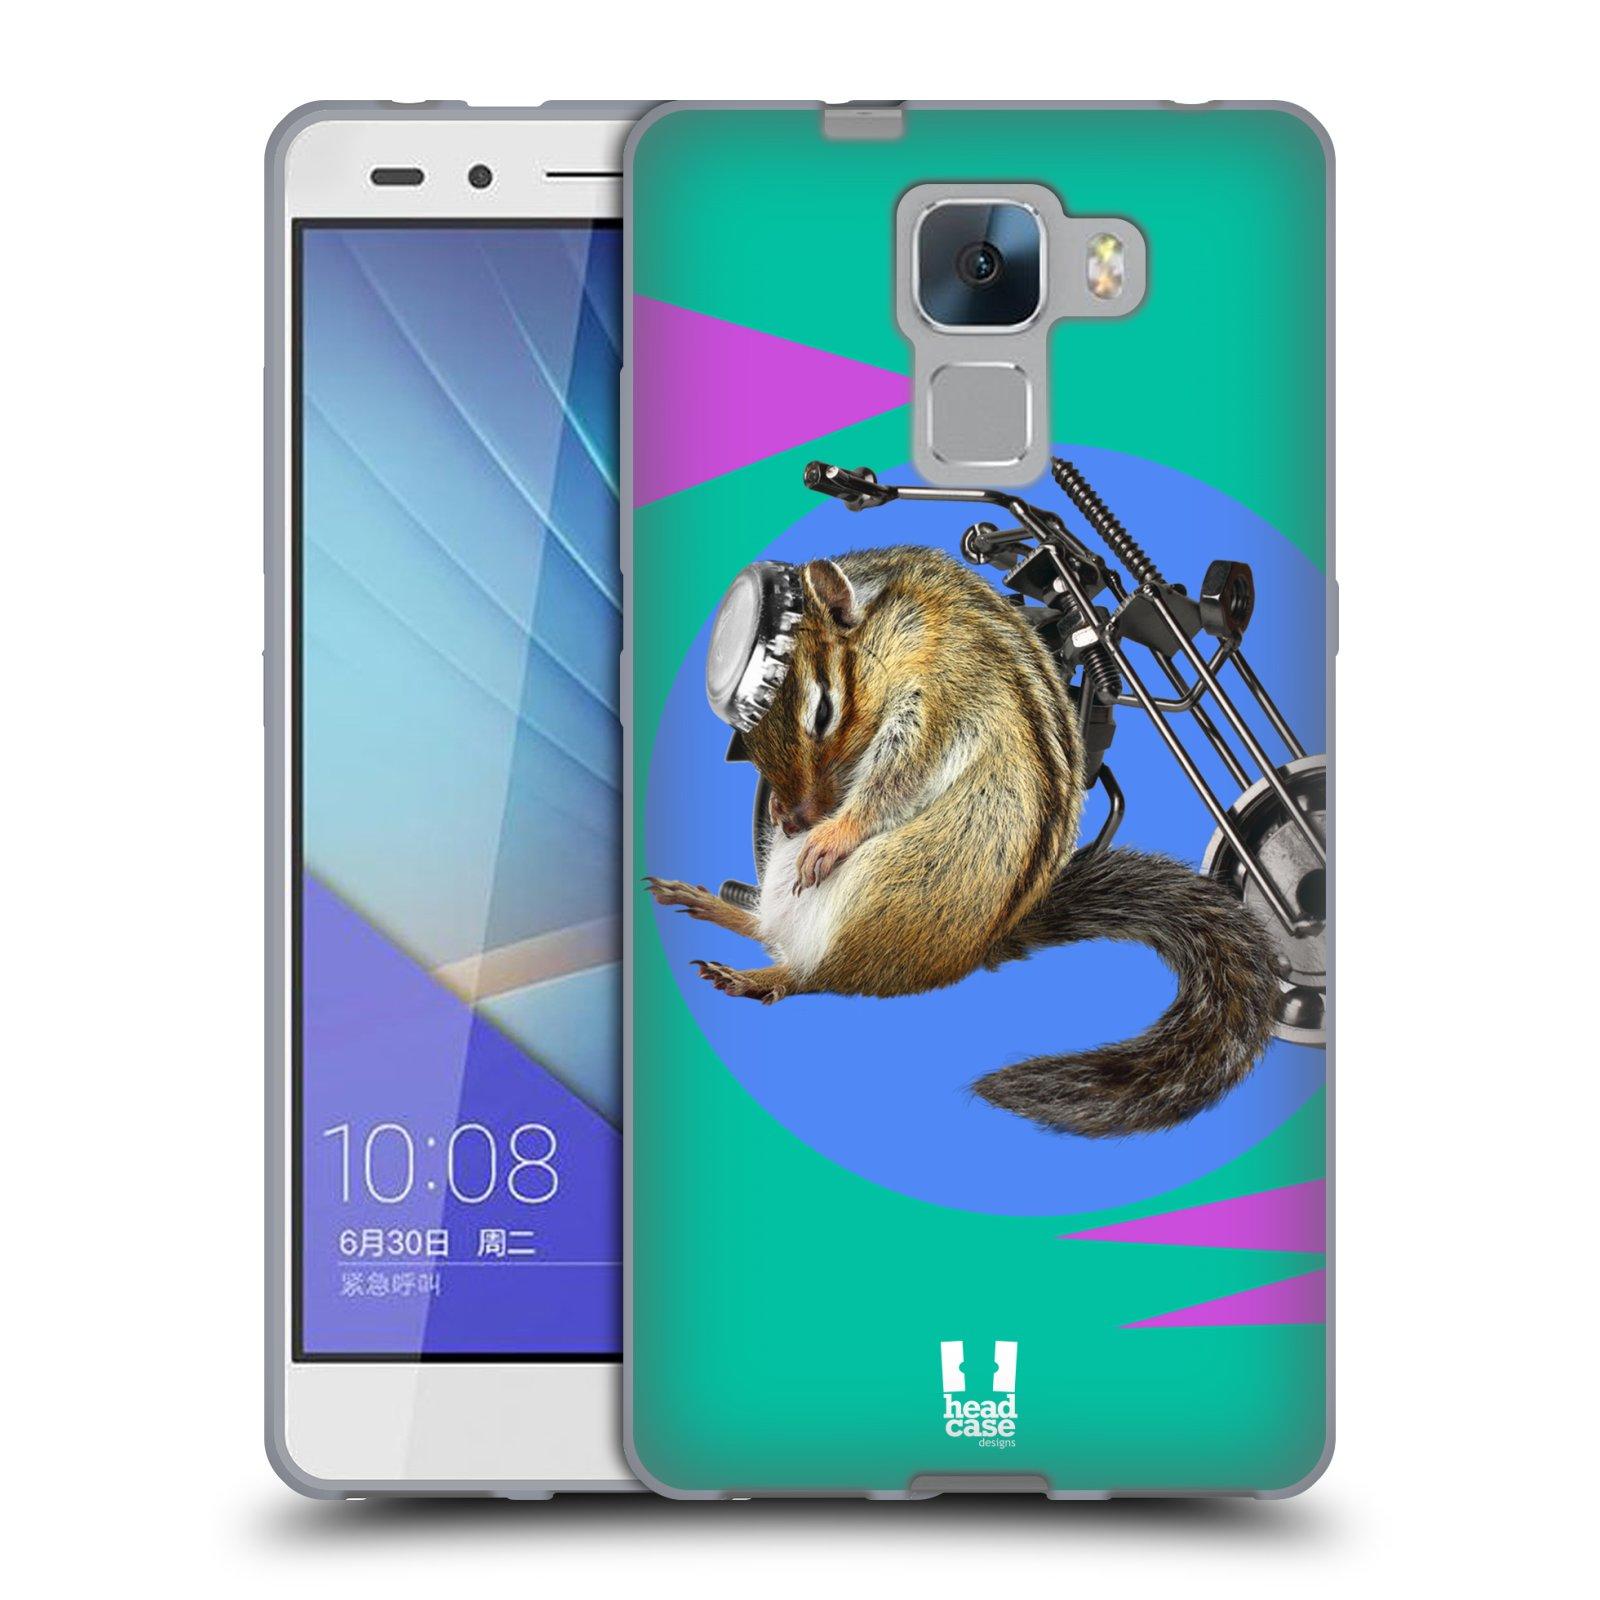 HEAD CASE silikonový obal na mobil Huawei Honor 7 Legrační zvířátka veverka motorkář chipmunk